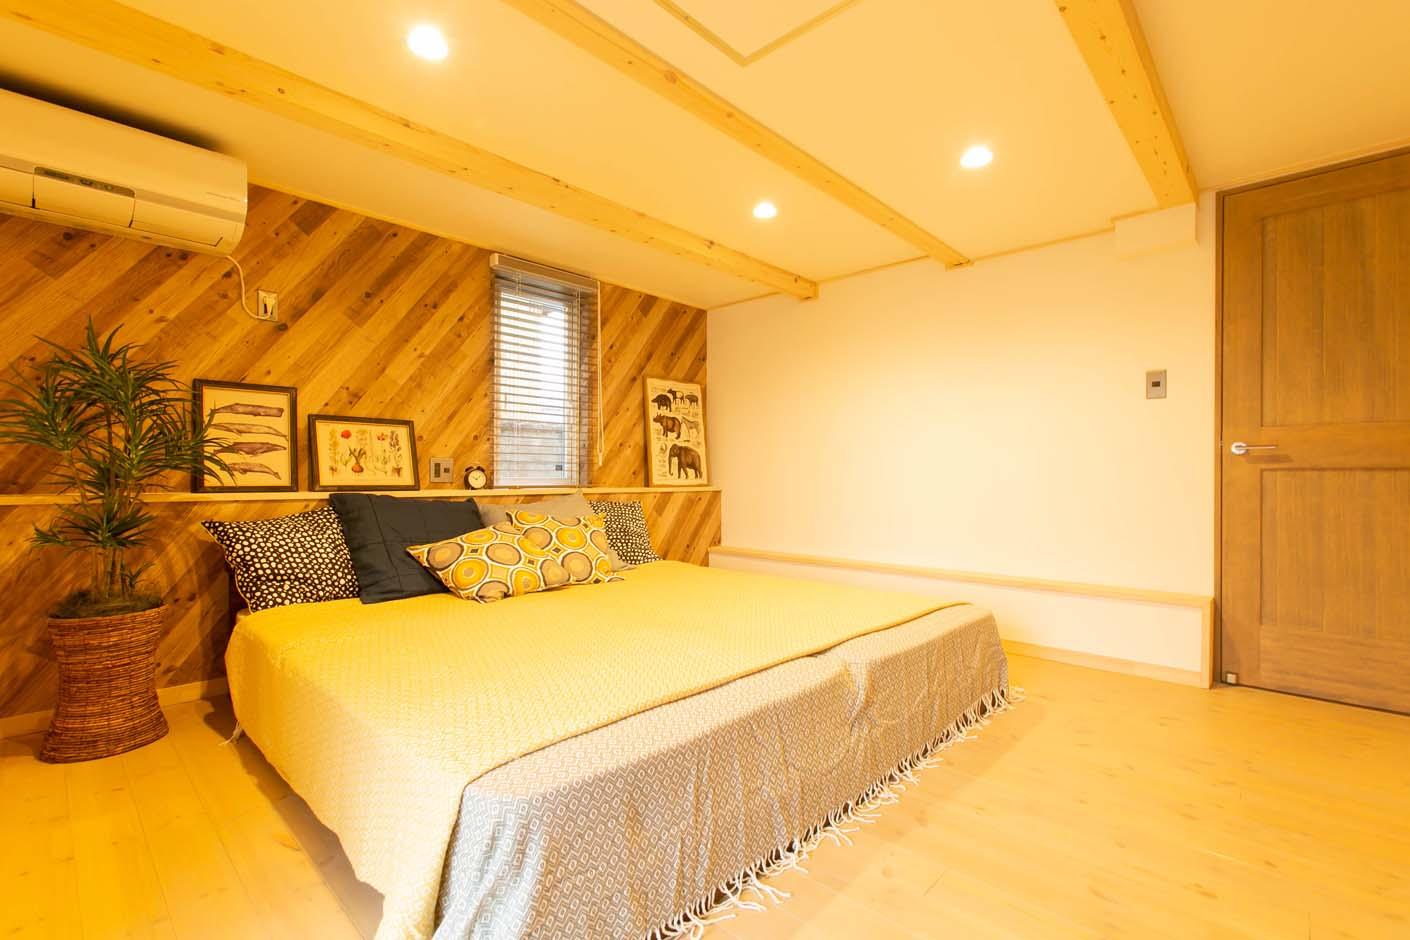 BinO志太・榛原 マルジン総建【焼津市祢宜島407-9・モデルハウス】0.5階にある主寝室。一日の疲れを癒す場所として。クローゼットも付いているのでたくさんの洋服をしまうことも可能